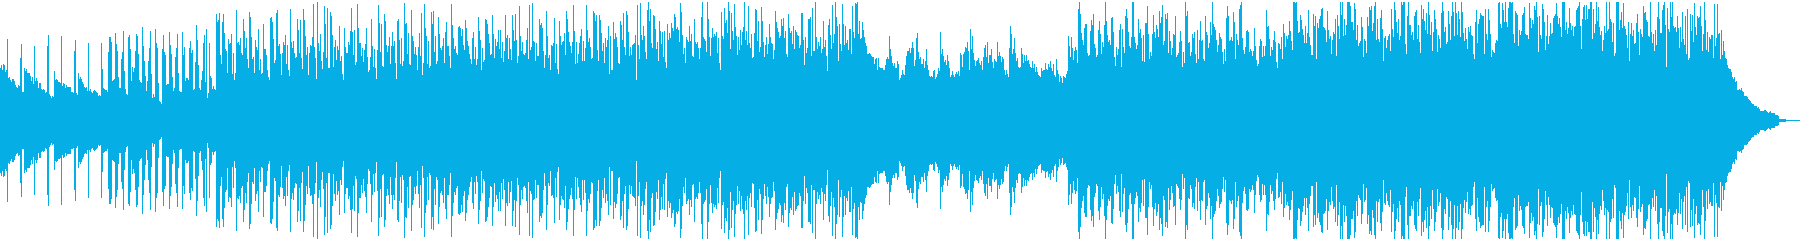 光プレミアム高級背景の再生済みの波形